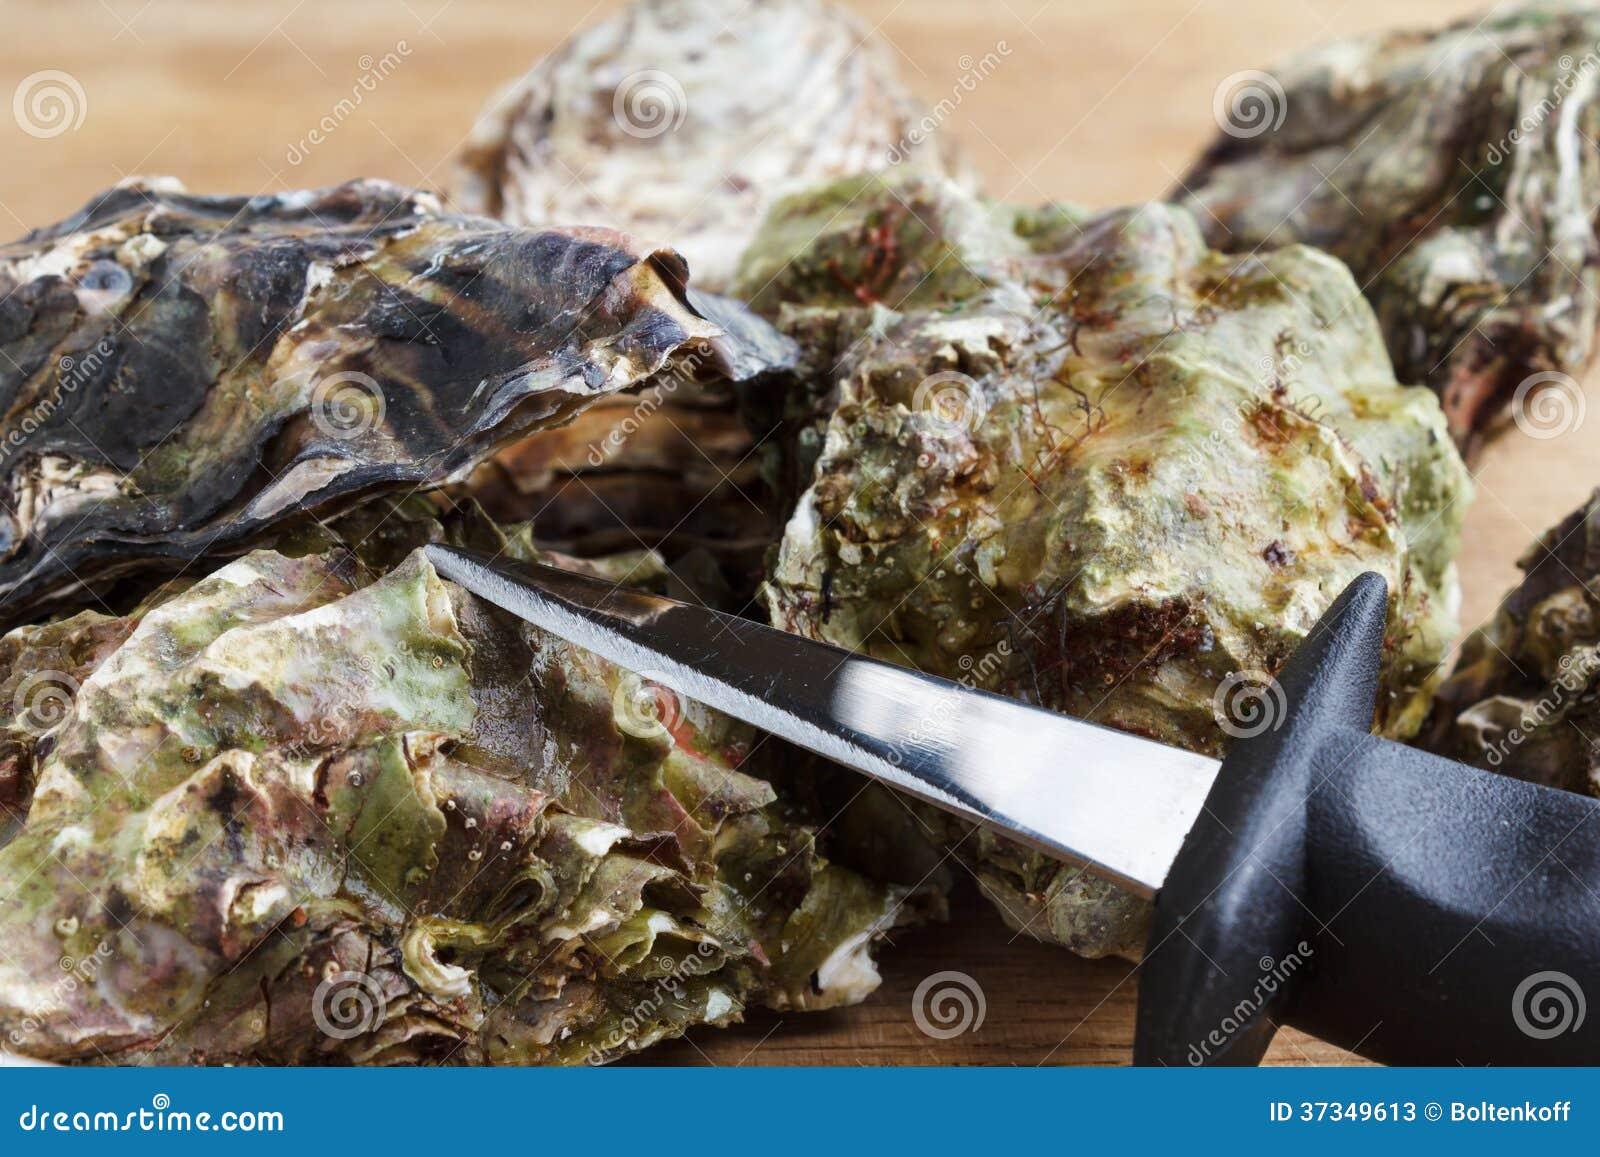 Intere ostriche con un coltello